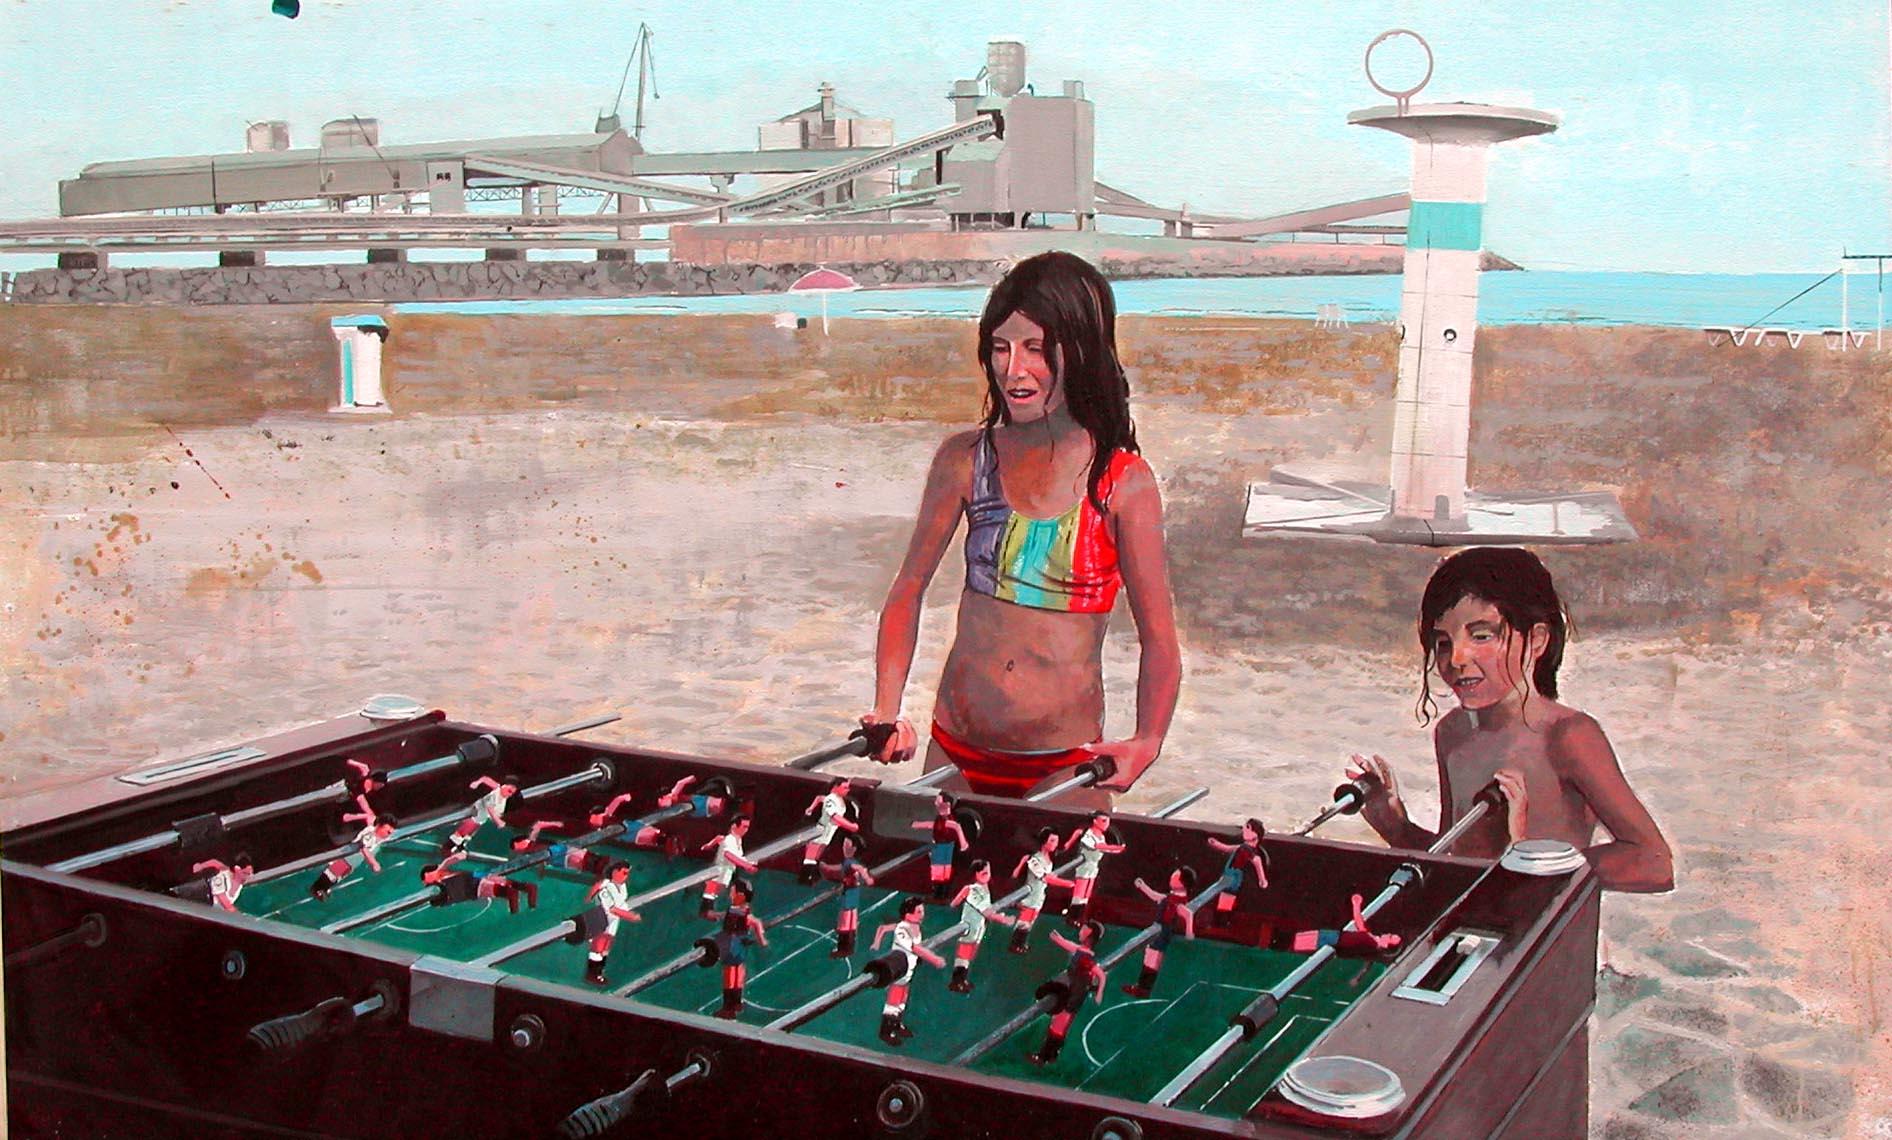 nenes a la platga (2004) - Sergi Ramírez